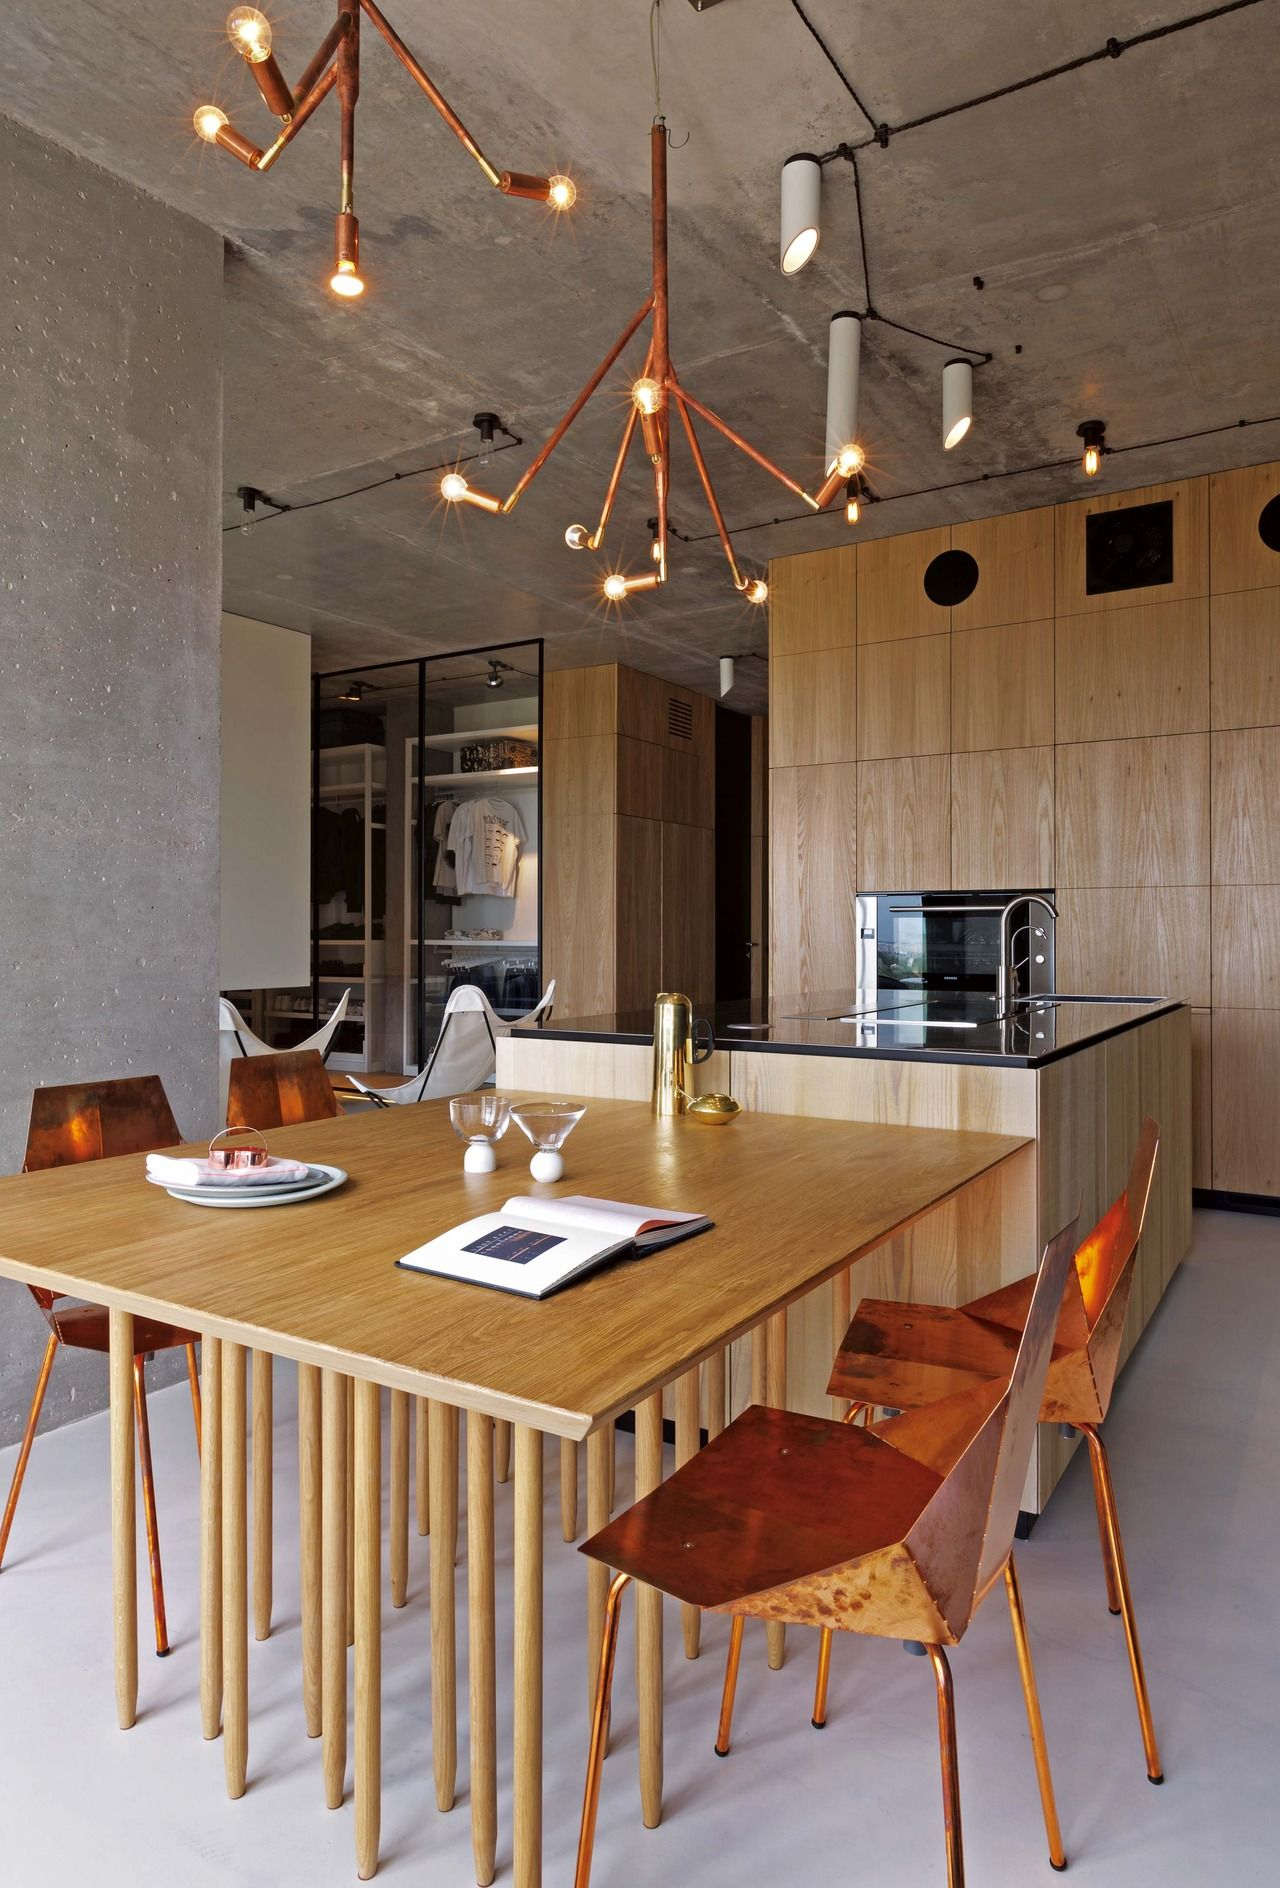 Una cocina que se fusiona con el entorno | Color cobre, Punteado y ...